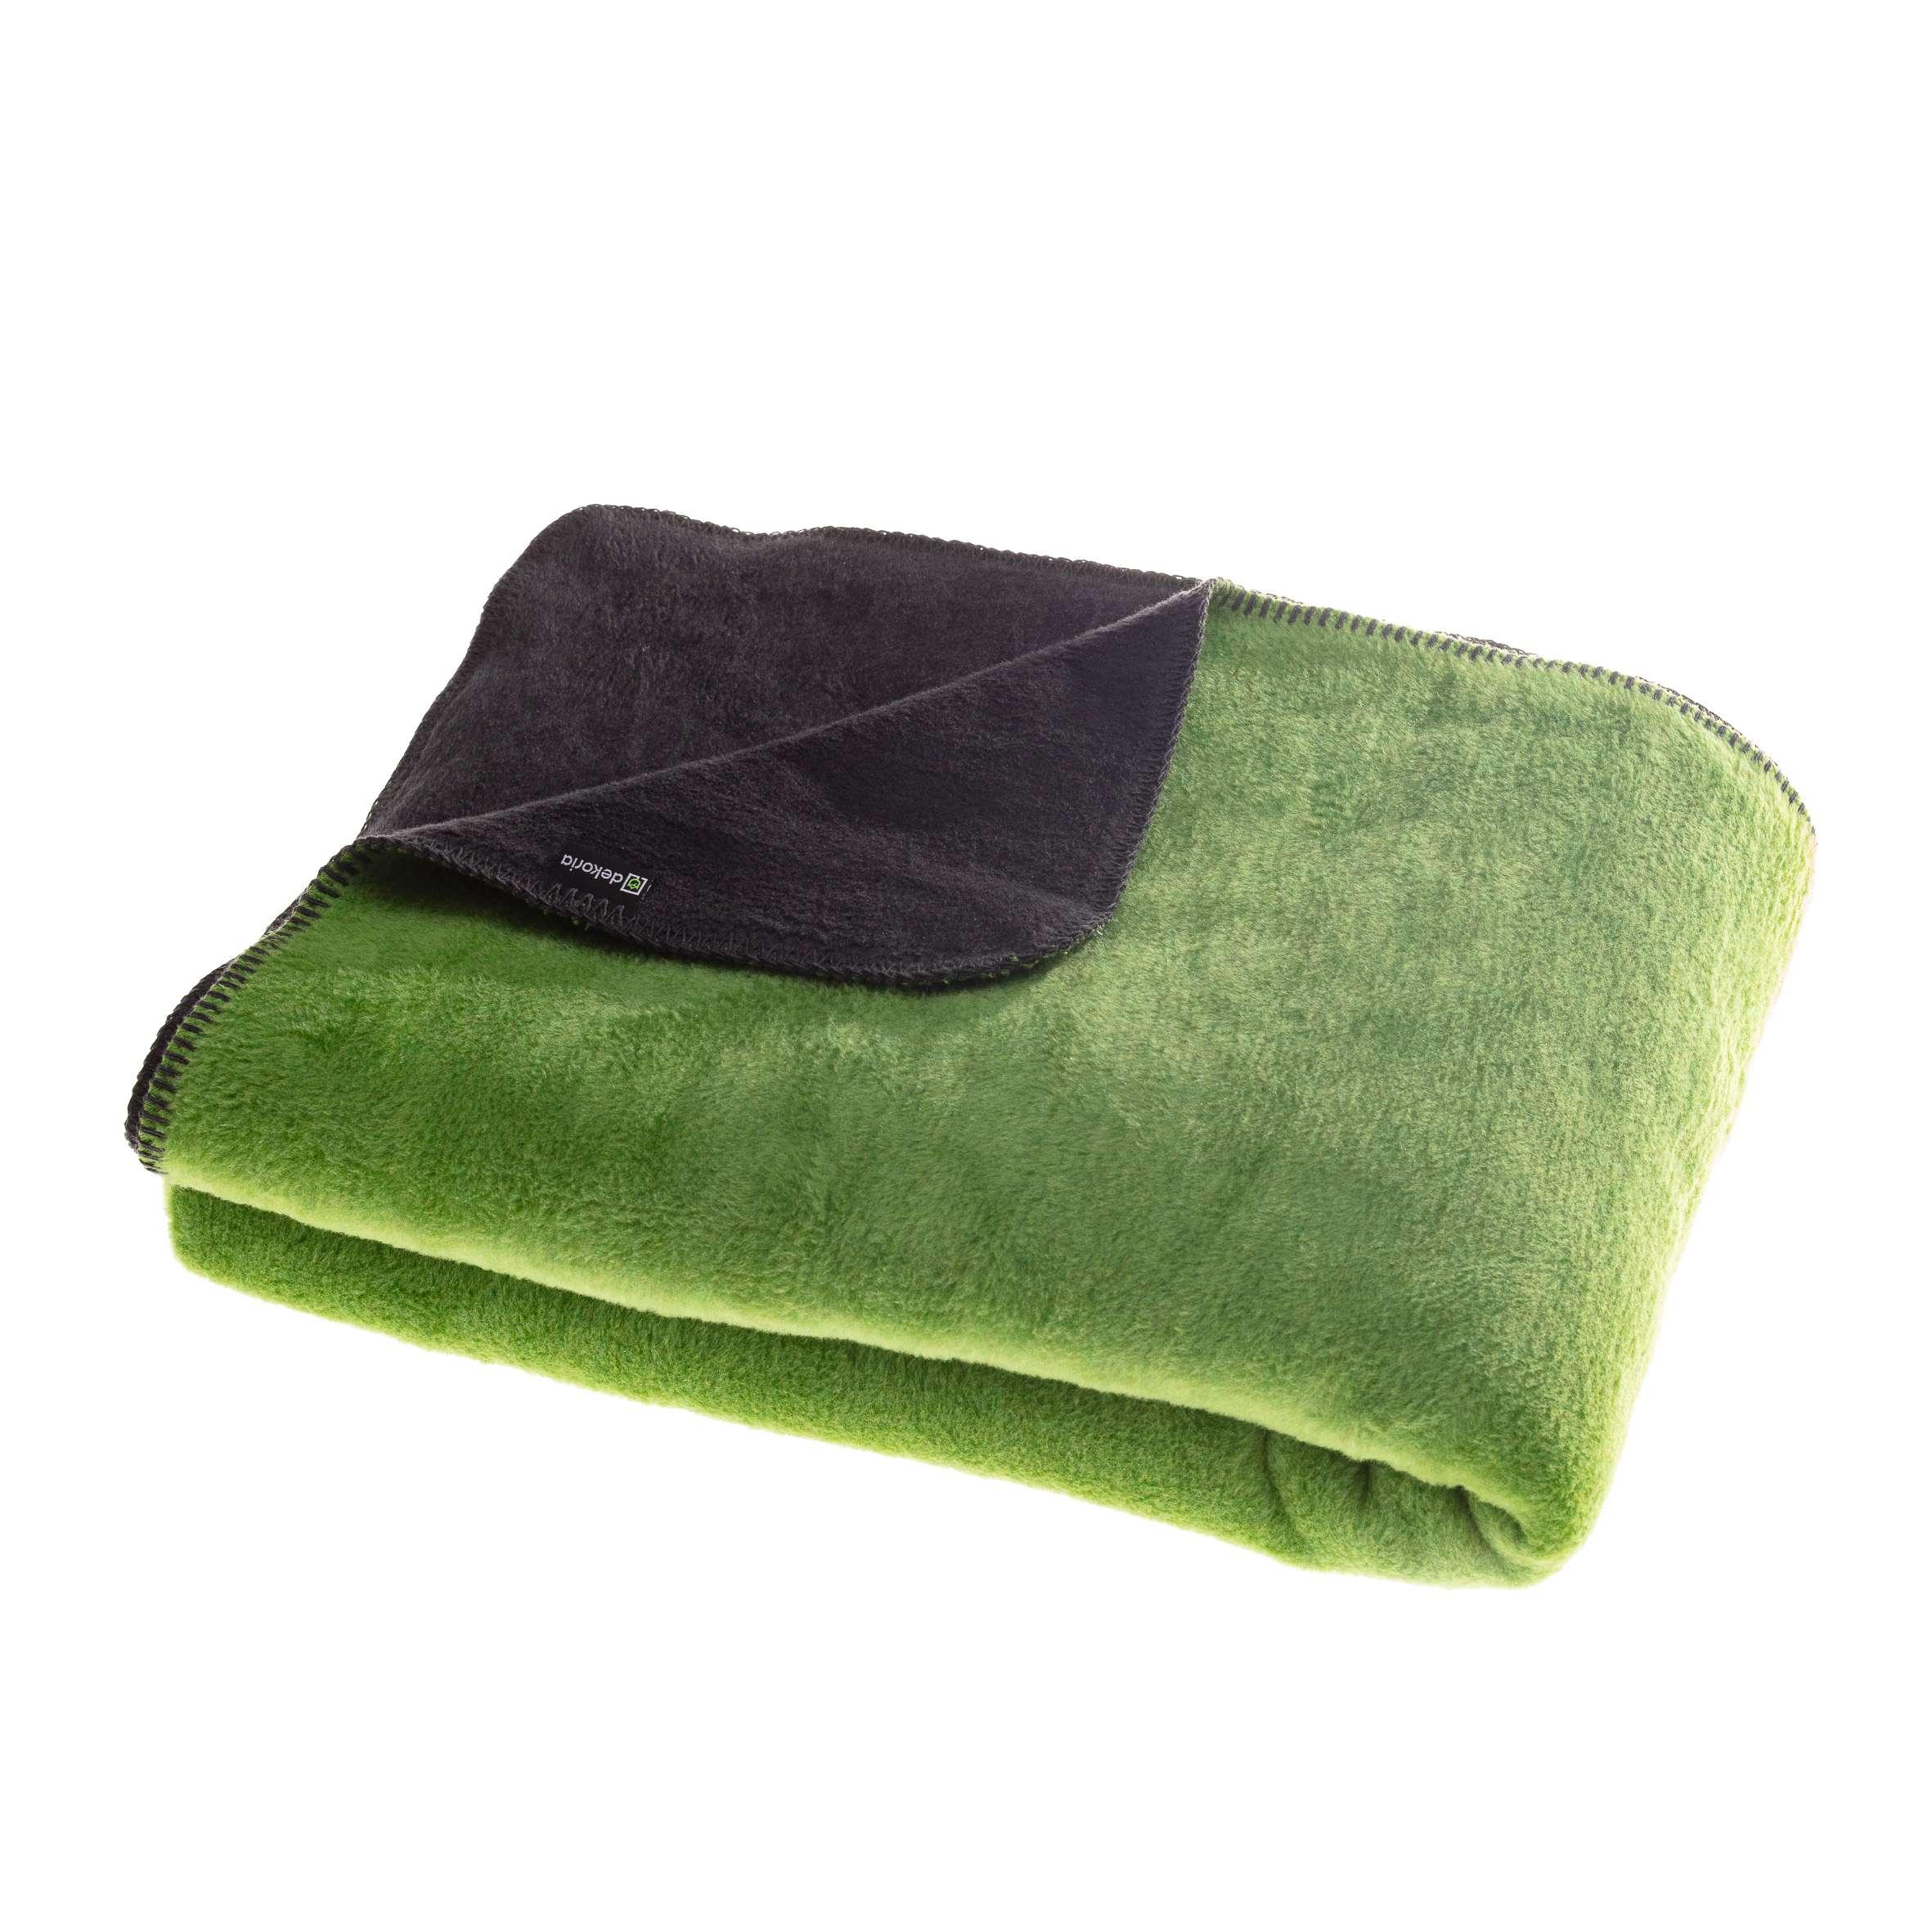 Deka Cotton Cloud 150x200 cm Grass